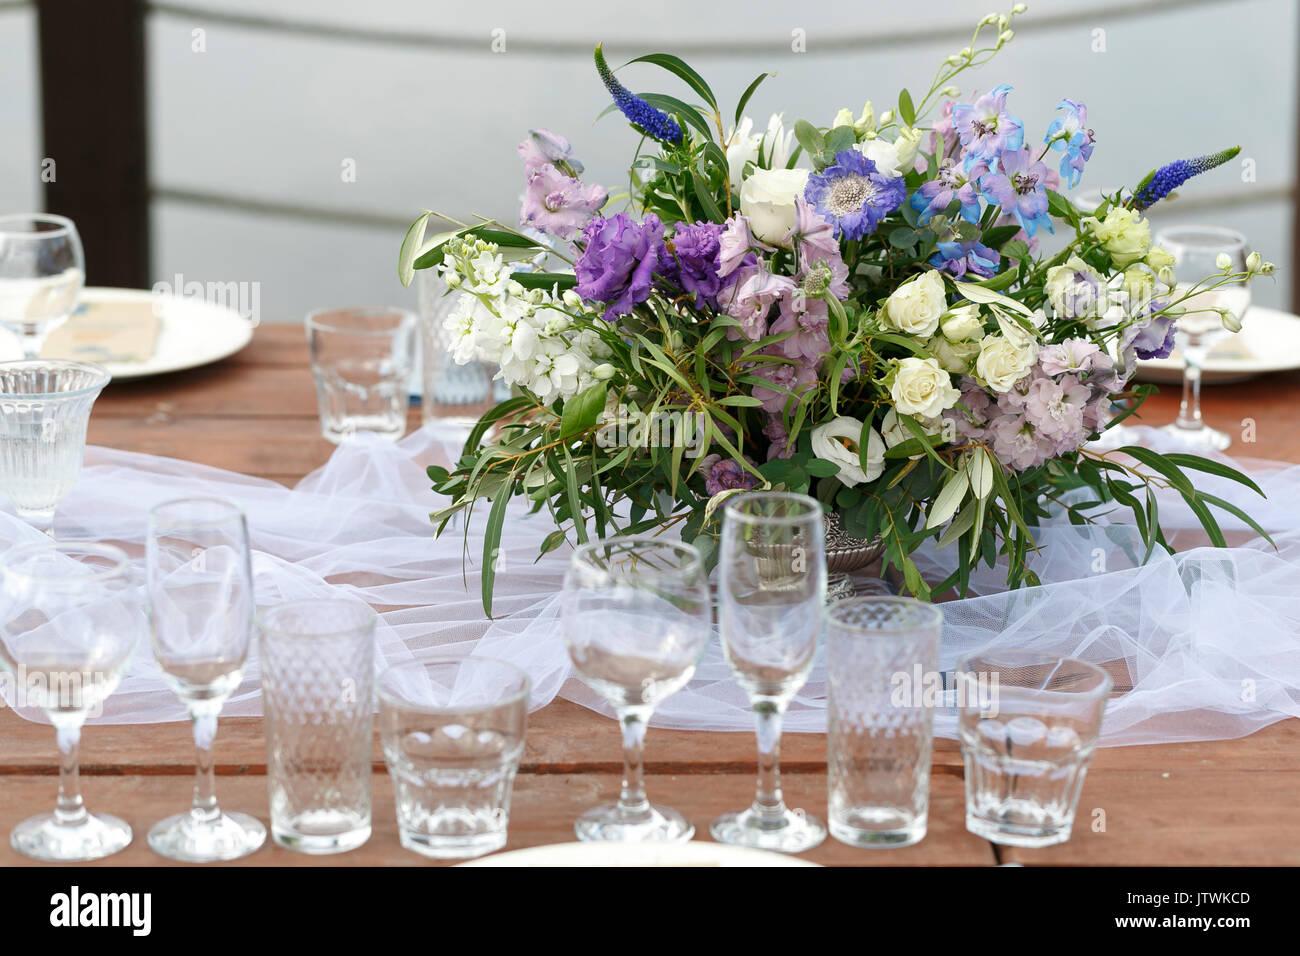 Bicchieri sulla festosa messa in tavola. Wedding decorazioni da tavola  concetto. Impostazione tabella in stile classico, setout. fine art.